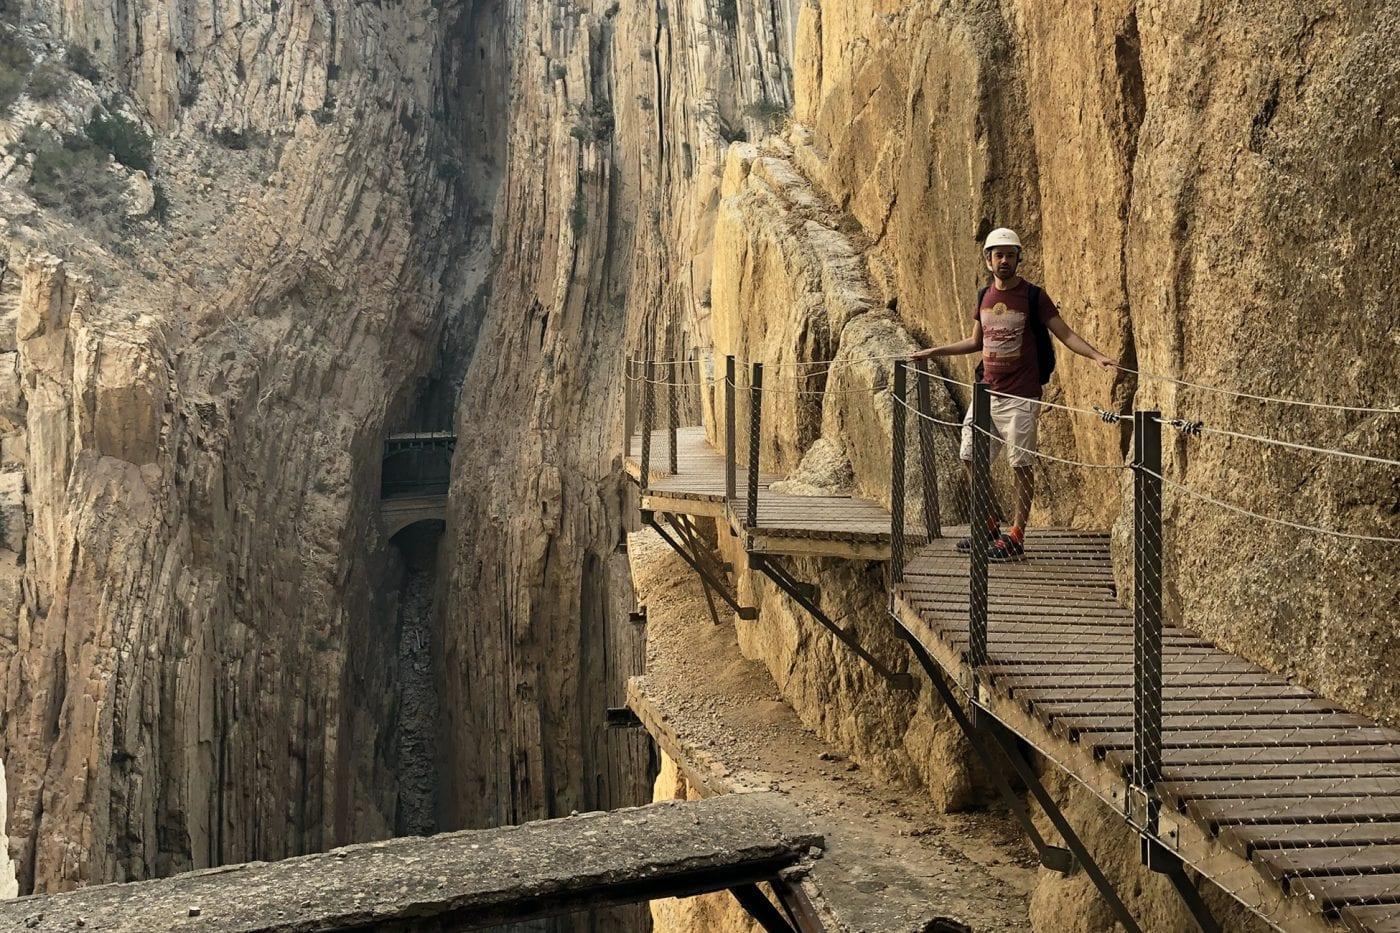 caminito del rey dan walking the path